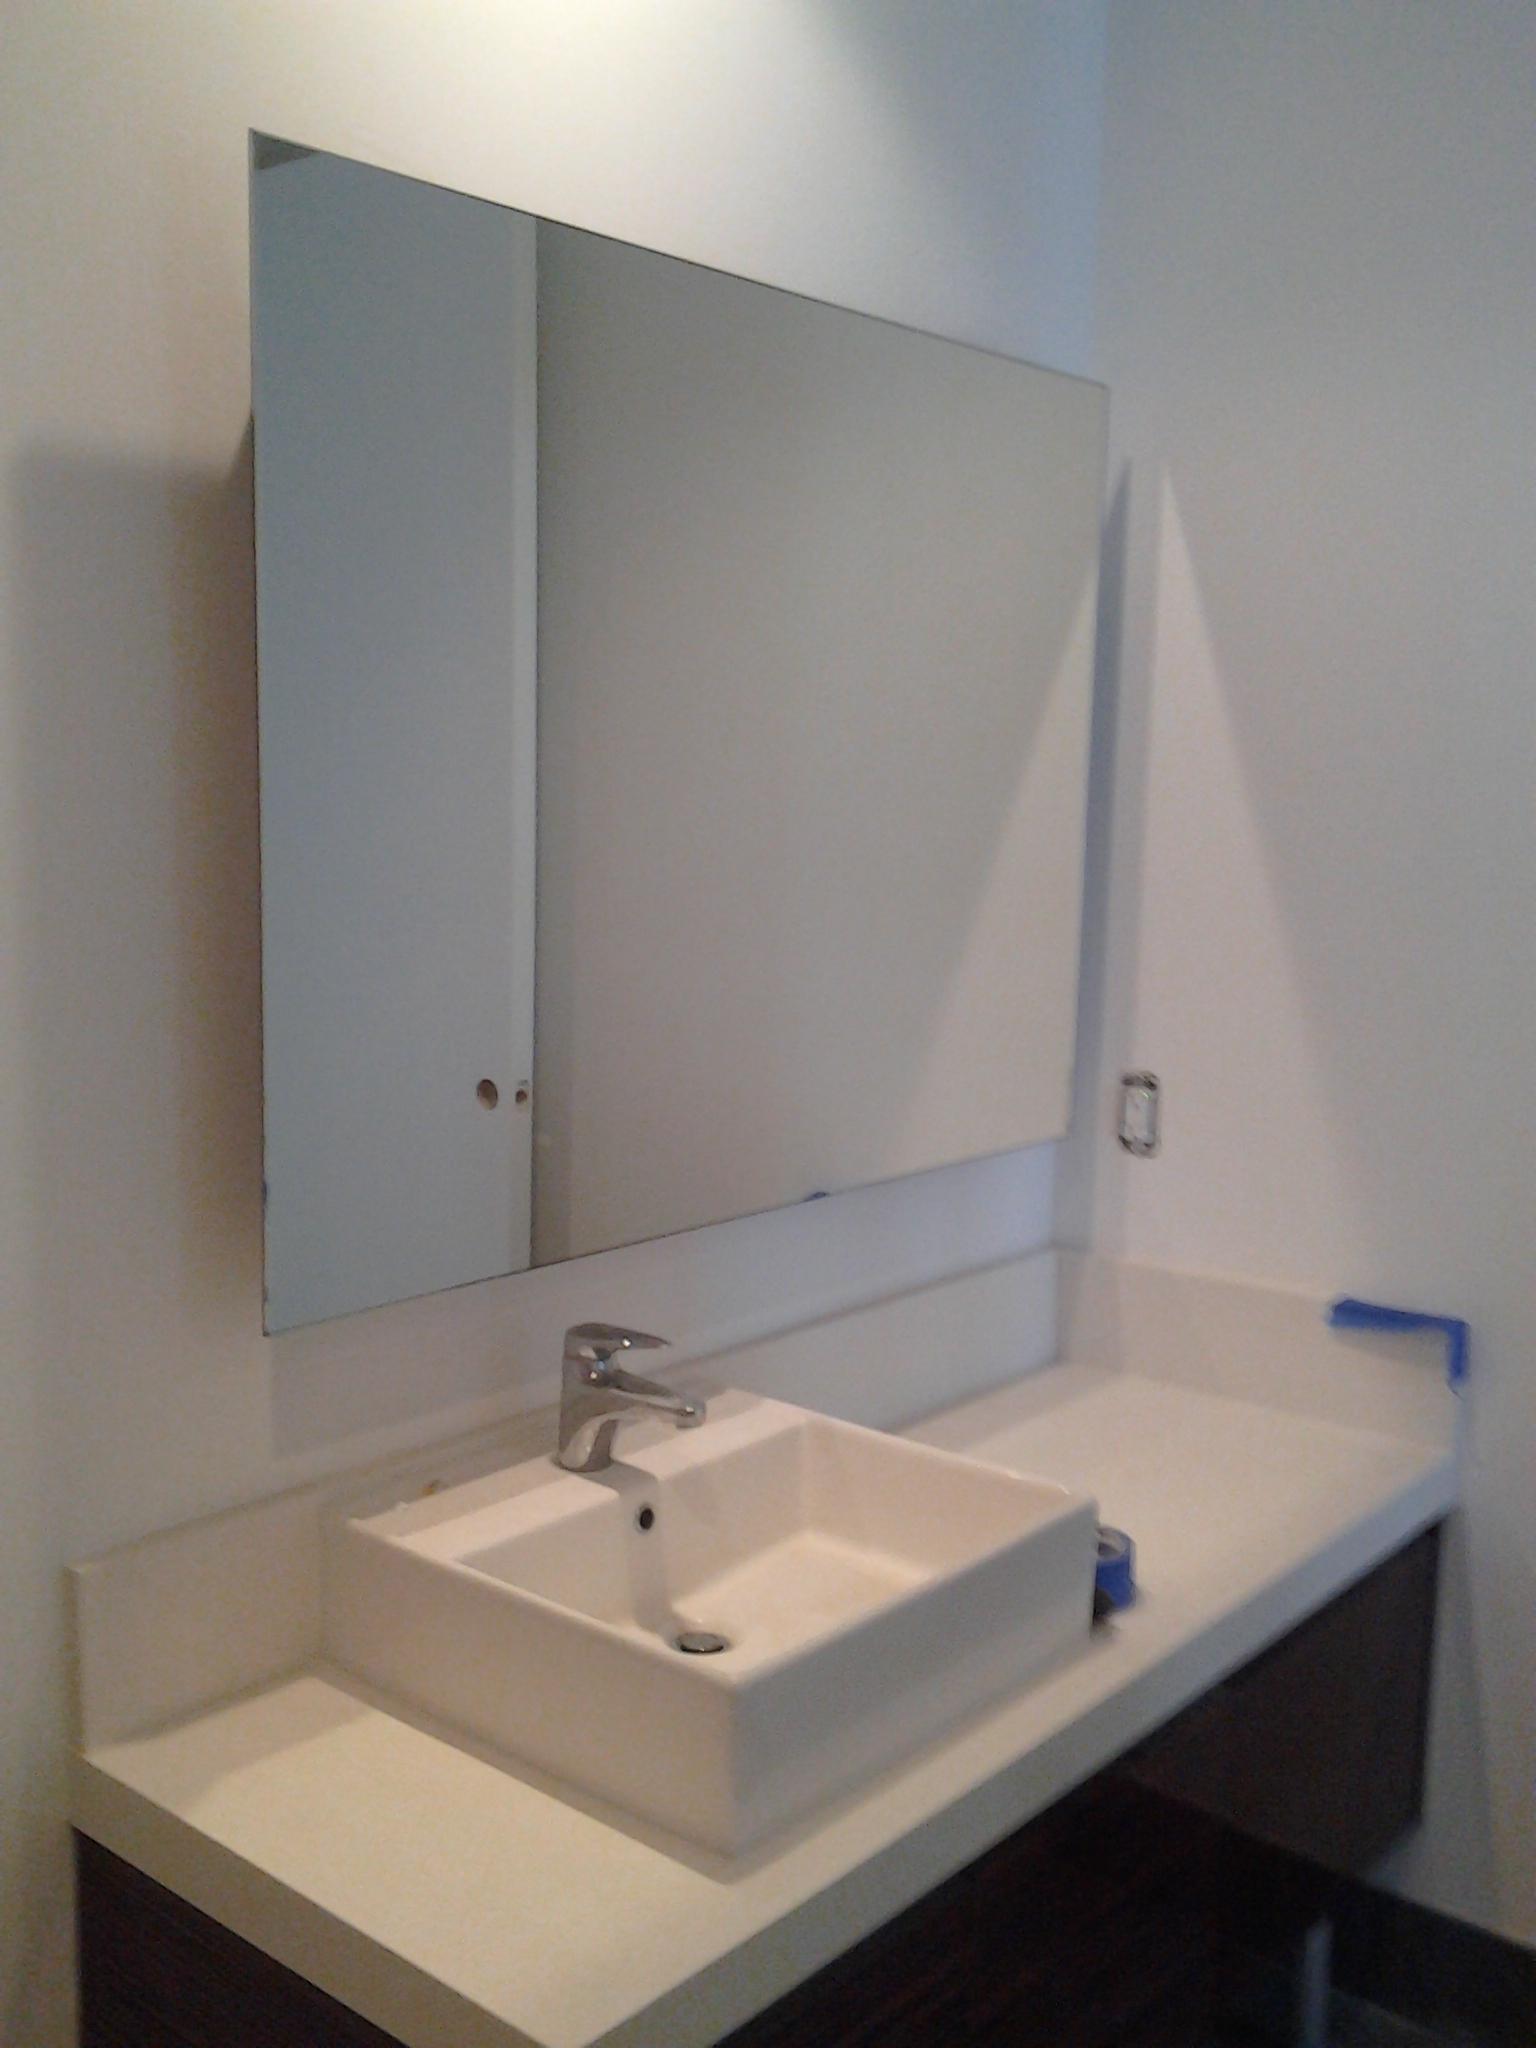 Custom glass services in miami florida alfa glass and mirror for Custom glass and mirror